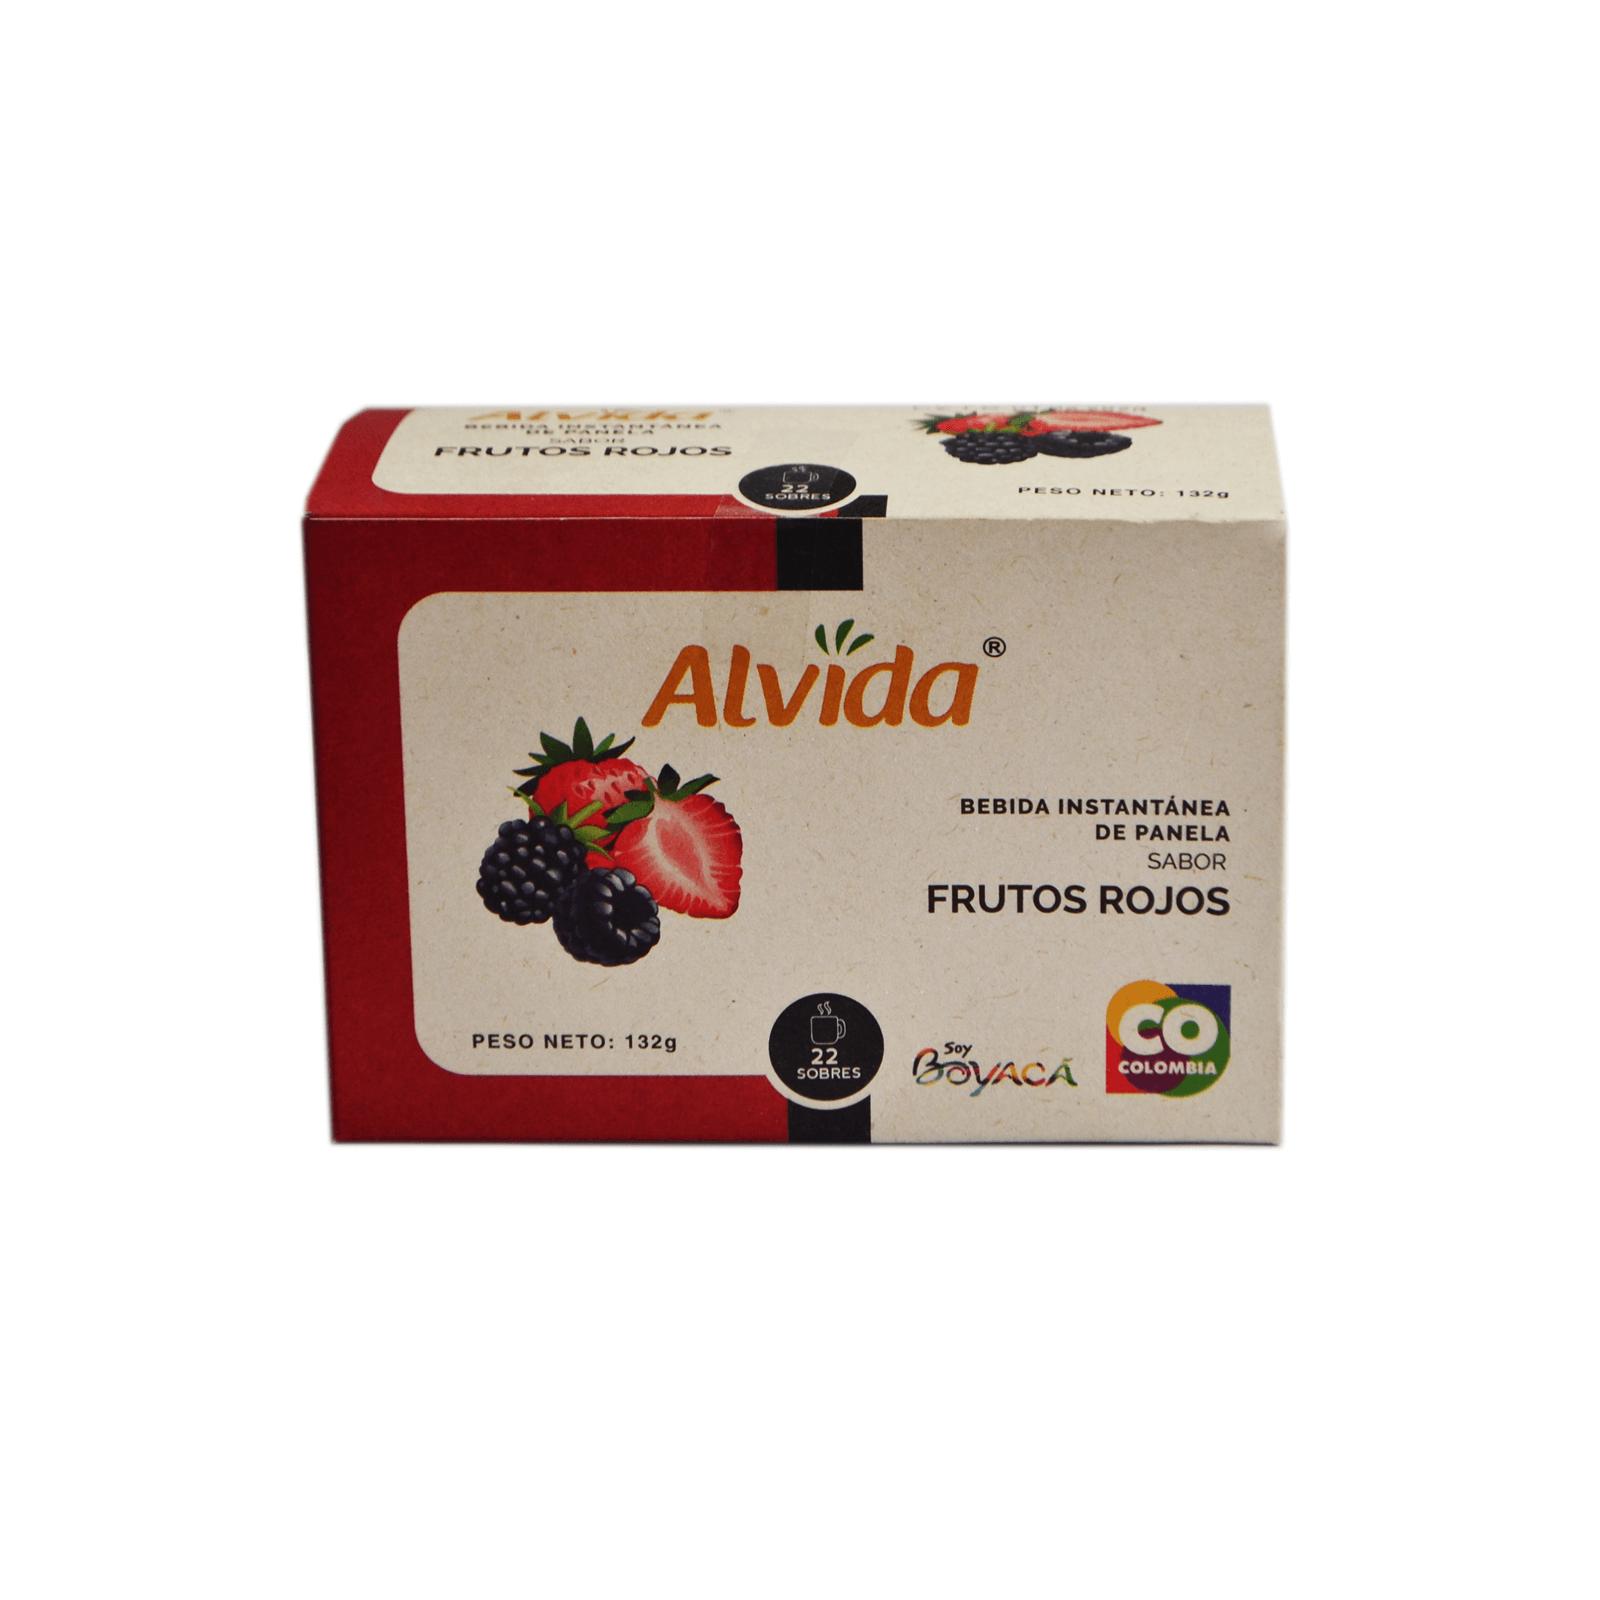 Aromática De Panela Frutos Rojos Alvida